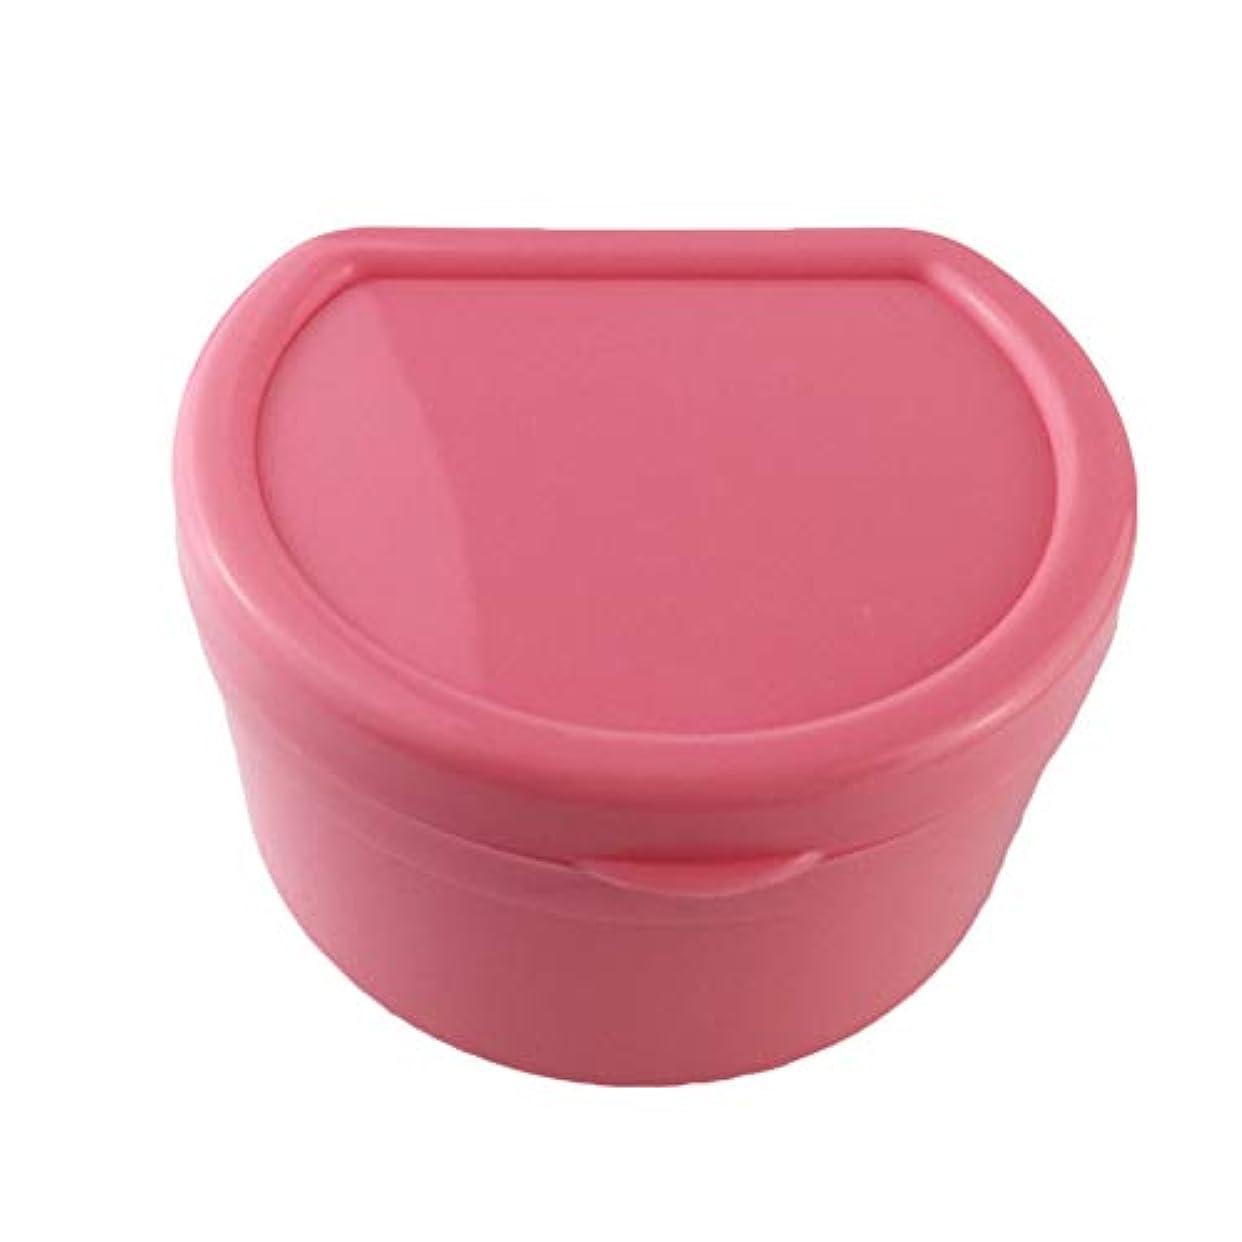 歯獣クラウンSUPVOX 義歯バスボックスケース入れ歯カップ付きストレーナーネット付偽歯(ピンク)